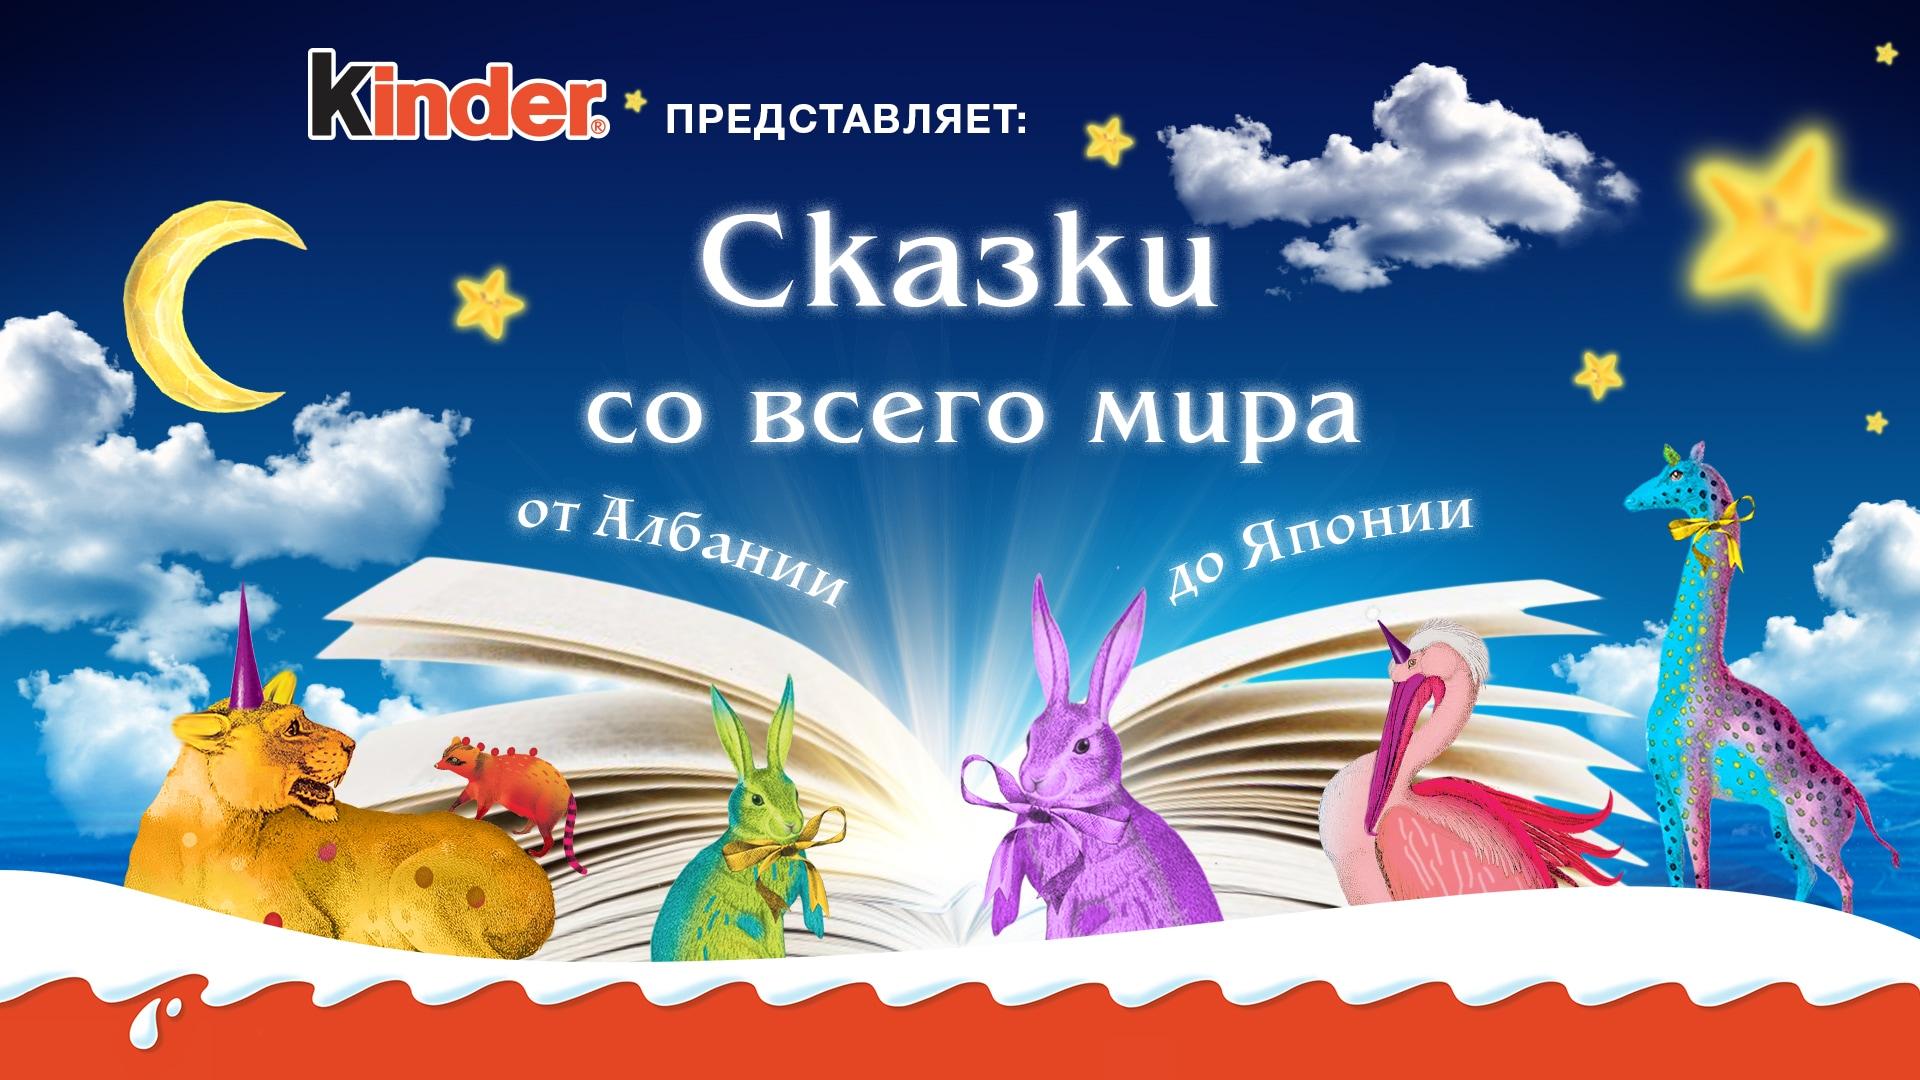 Kinder® запускает новый проект «Сказки со всего мира: От Албании до Японии»